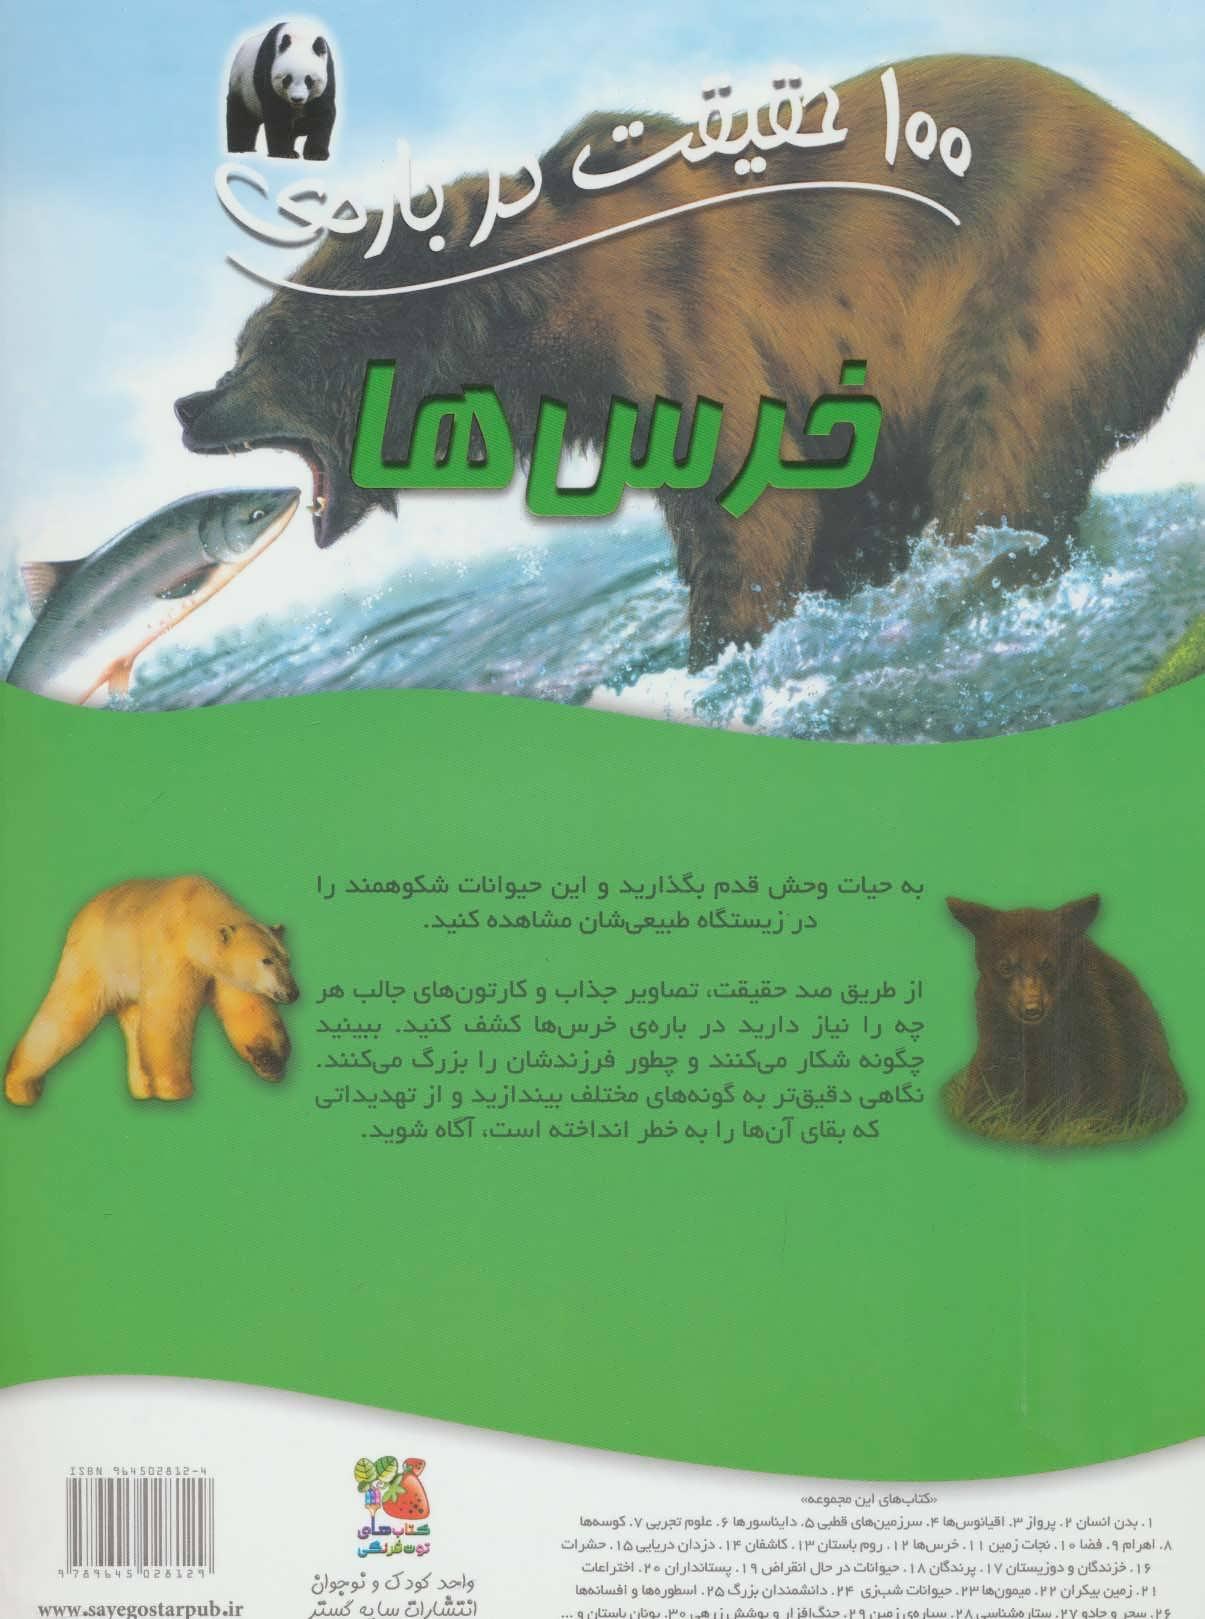 100 حقیقت11 (درباره ی خرس ها)